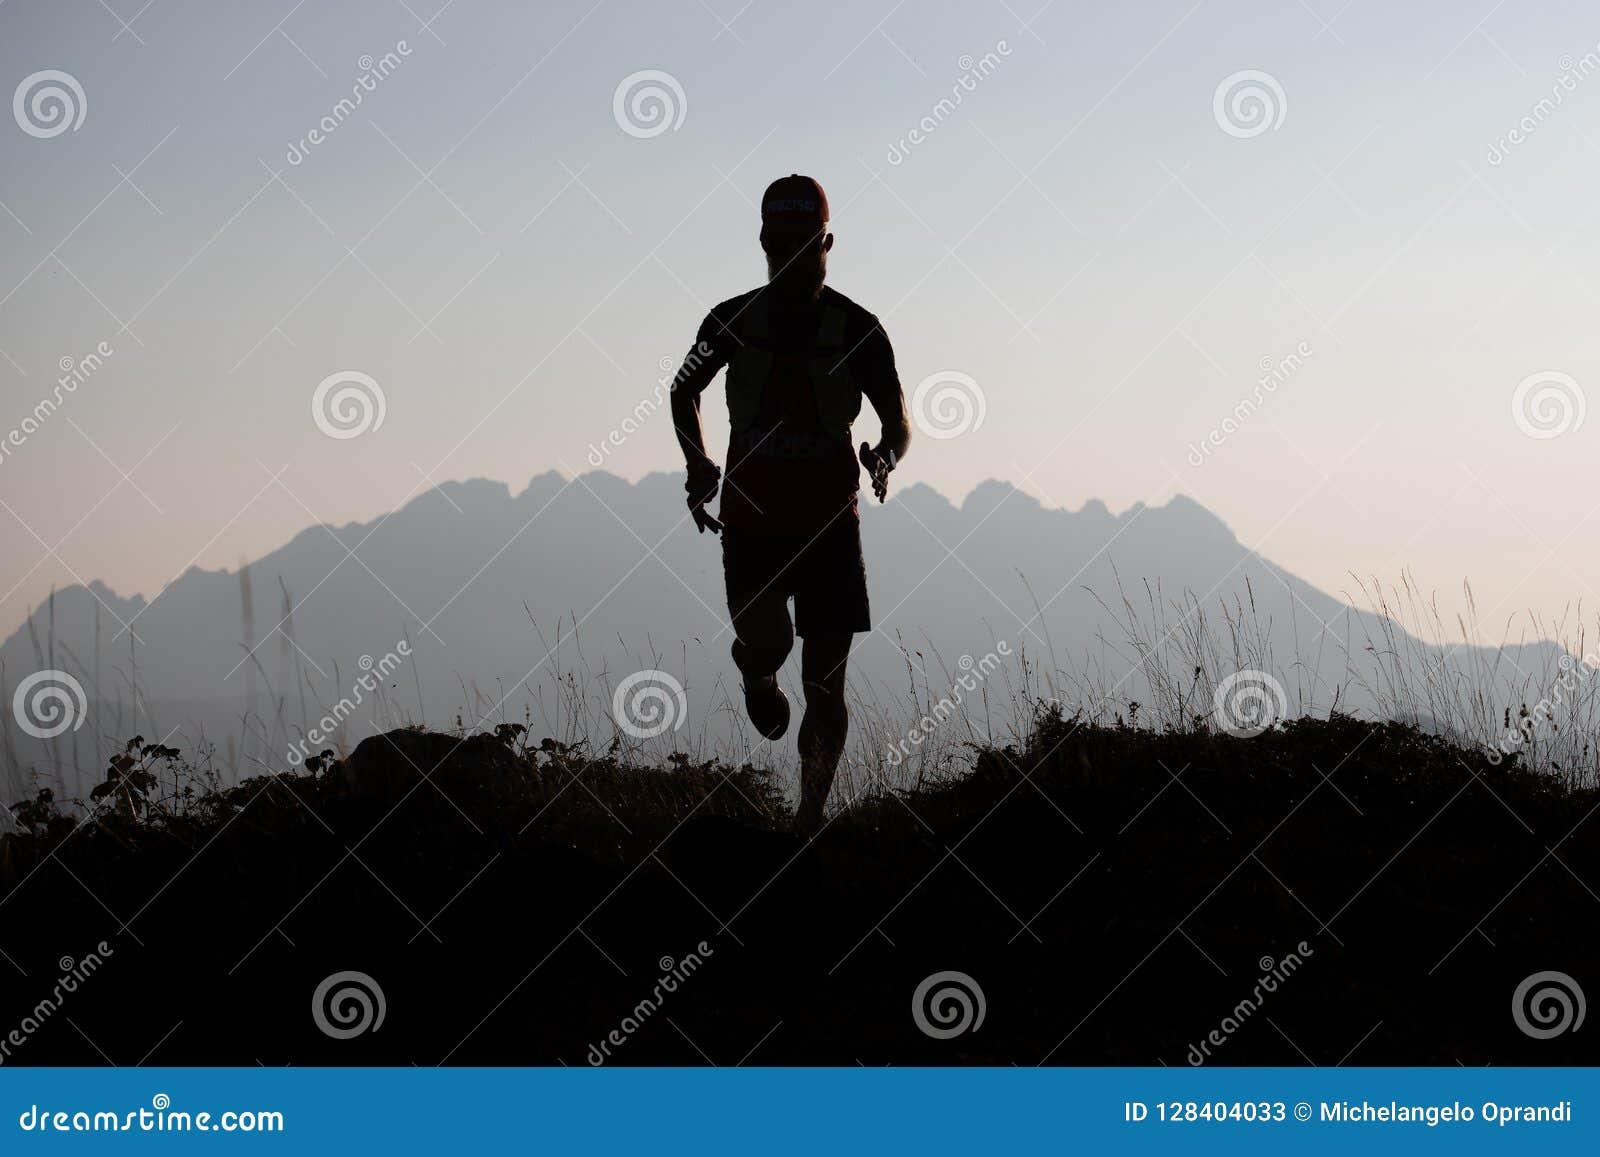 Corredor da montanha na silhueta em uma paisagem sugestivo